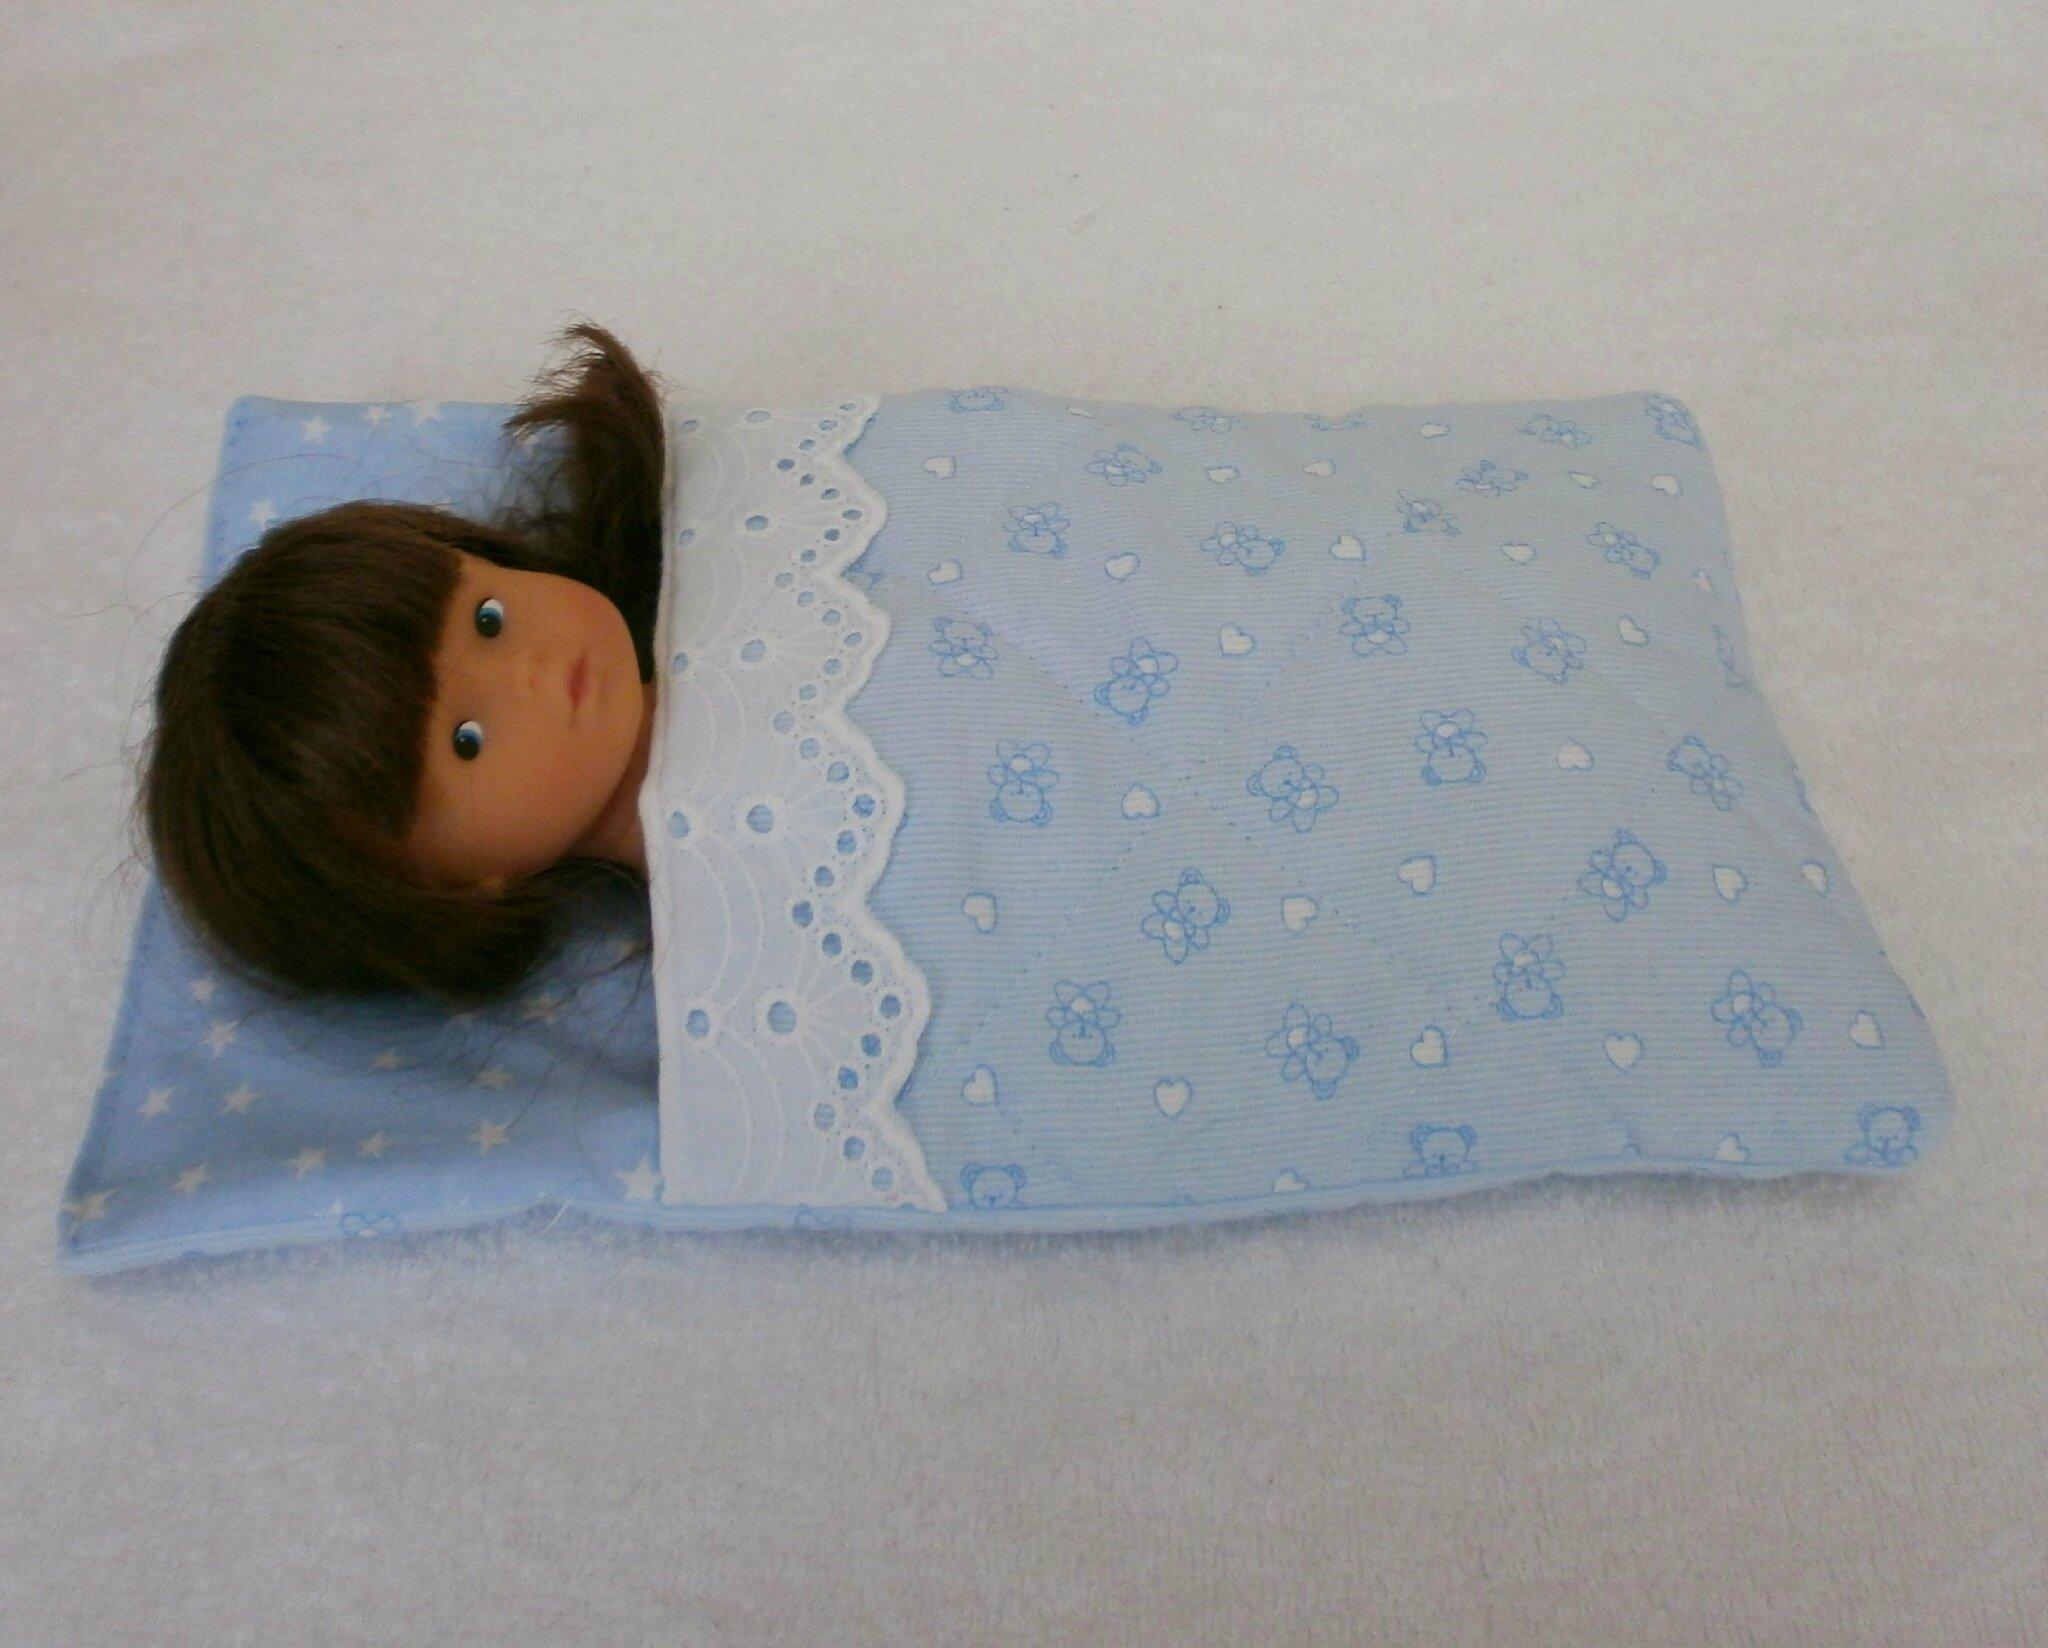 sac de couchage nounours bleu pour mini poup e photo. Black Bedroom Furniture Sets. Home Design Ideas